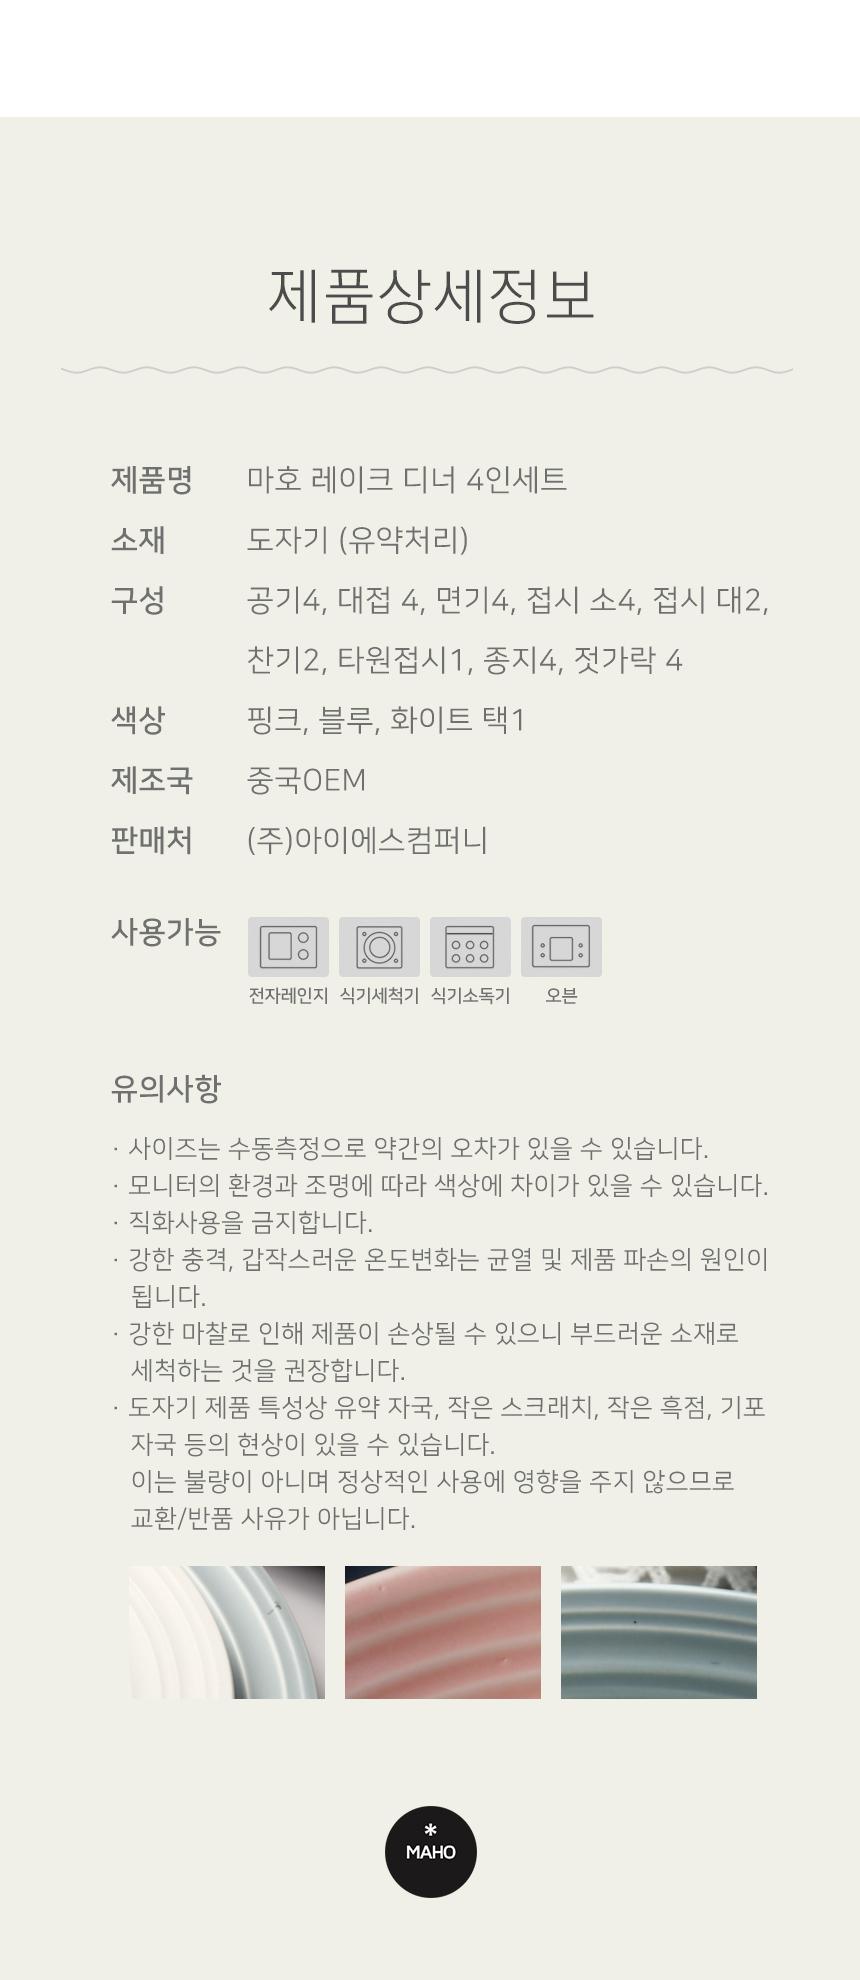 [마호]레이크 디너 4인 식기세트 - 러버메이드, 169,000원, 밥공기/국공기, 밥공기